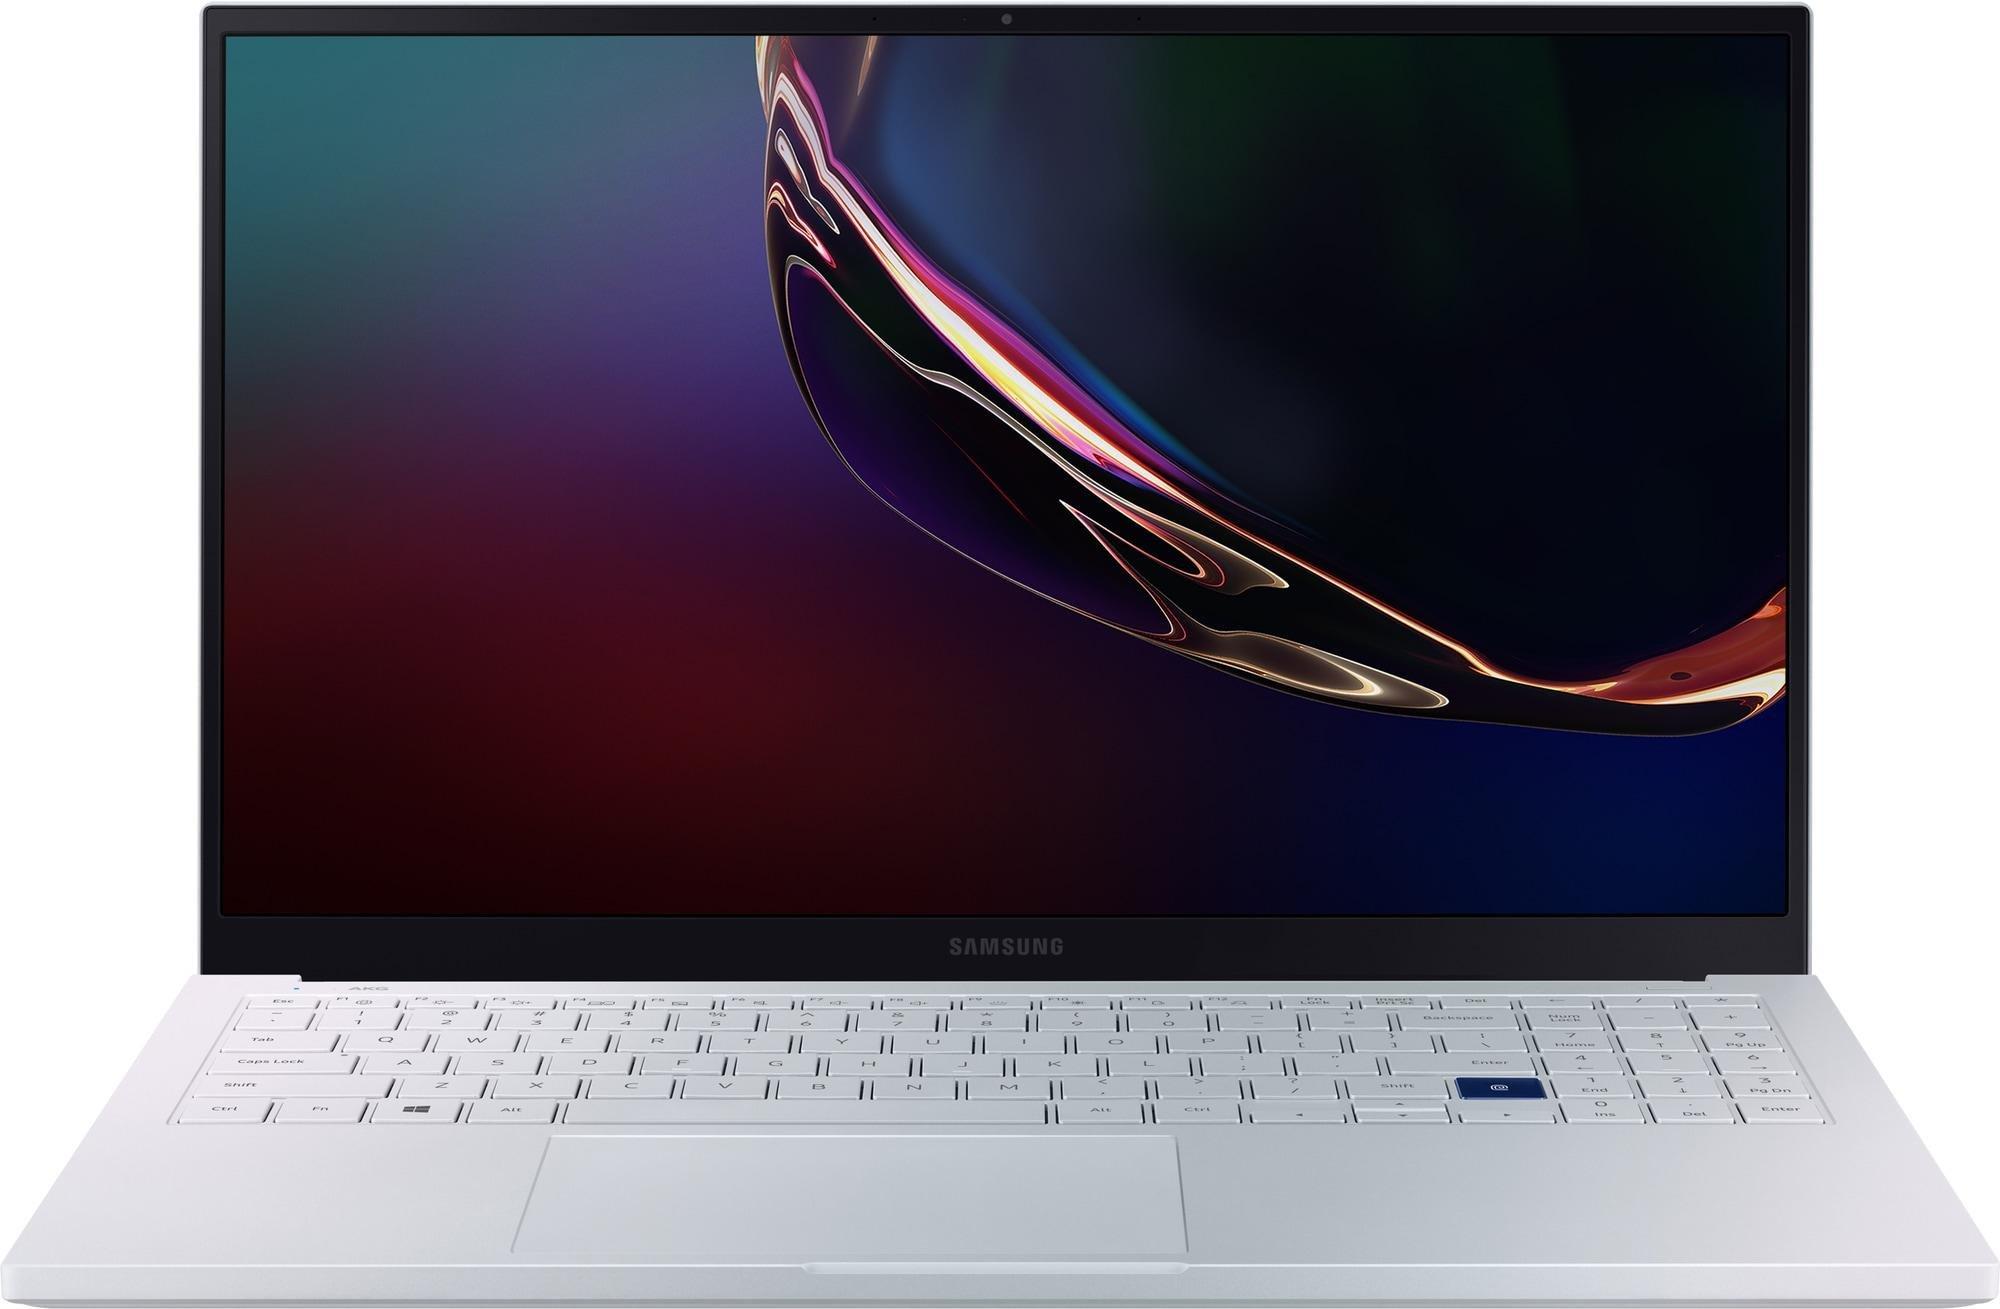 Samsung Chromebook 4 12 bærbar PC (platinum titan) Bærbar